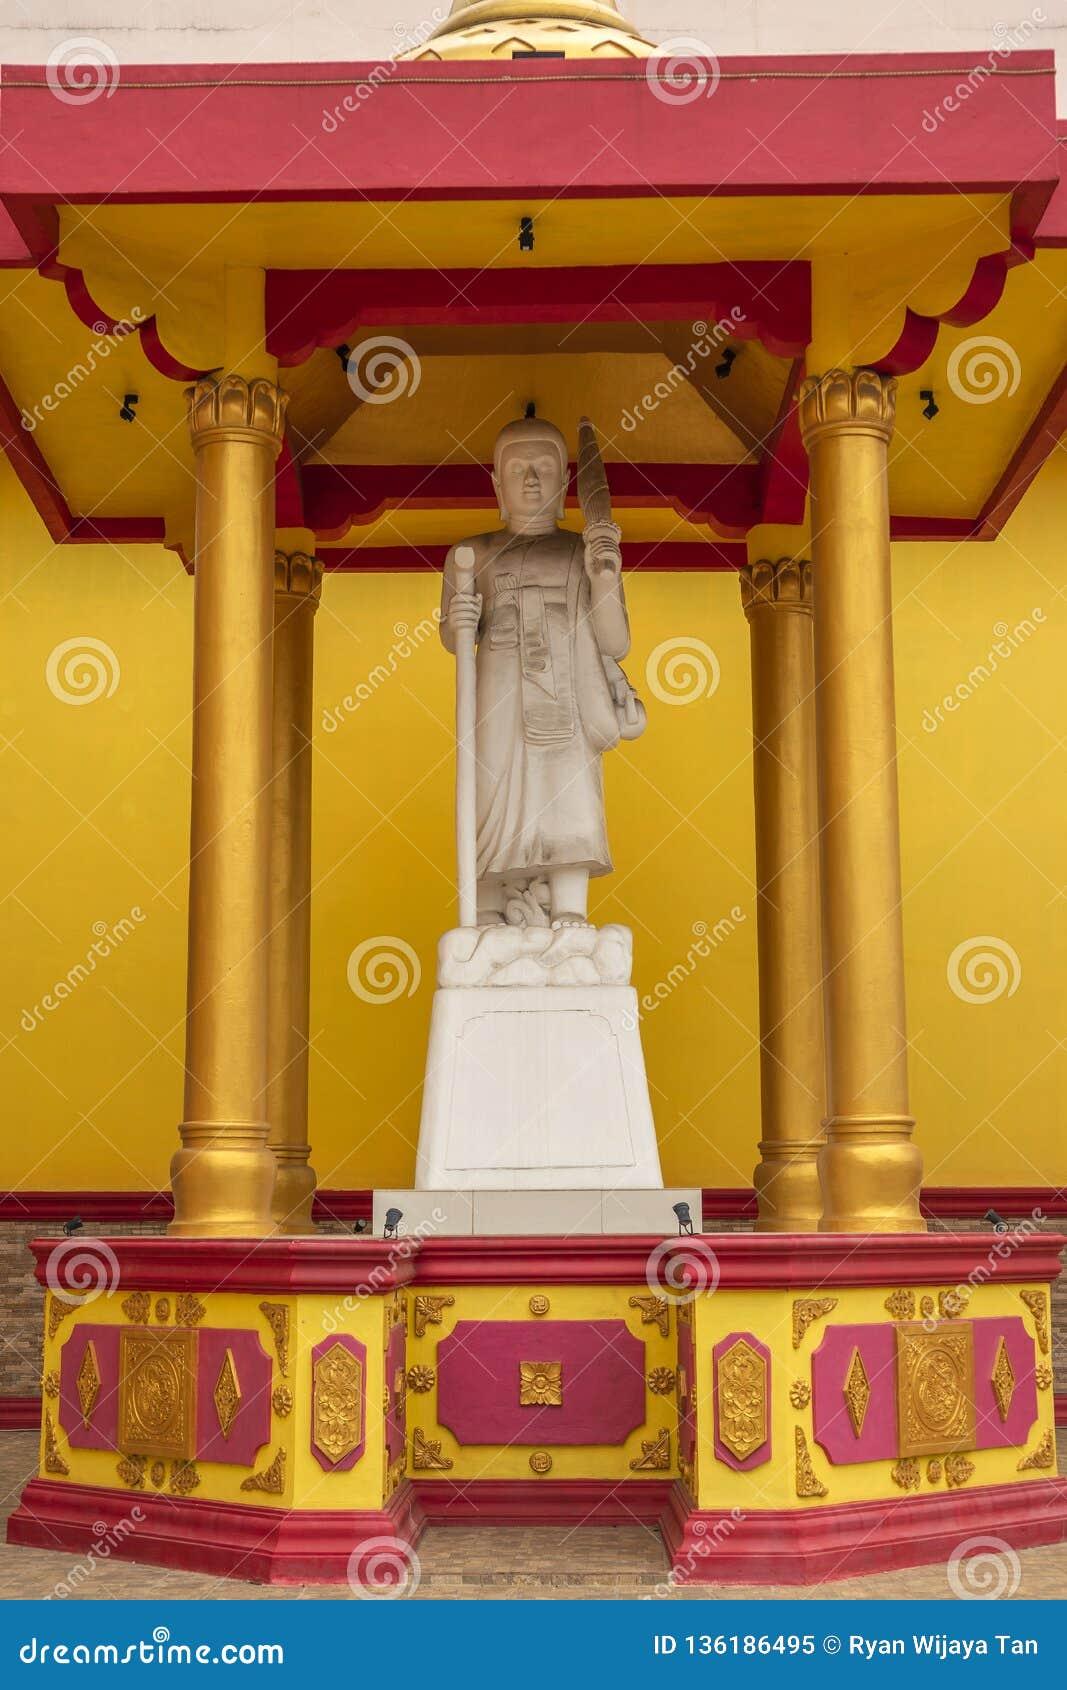 Jambi, Indonésie - 7 octobre 2018 : Une sculpture en soulagement dépeignant les dieux/divinité dans le bouddhisme